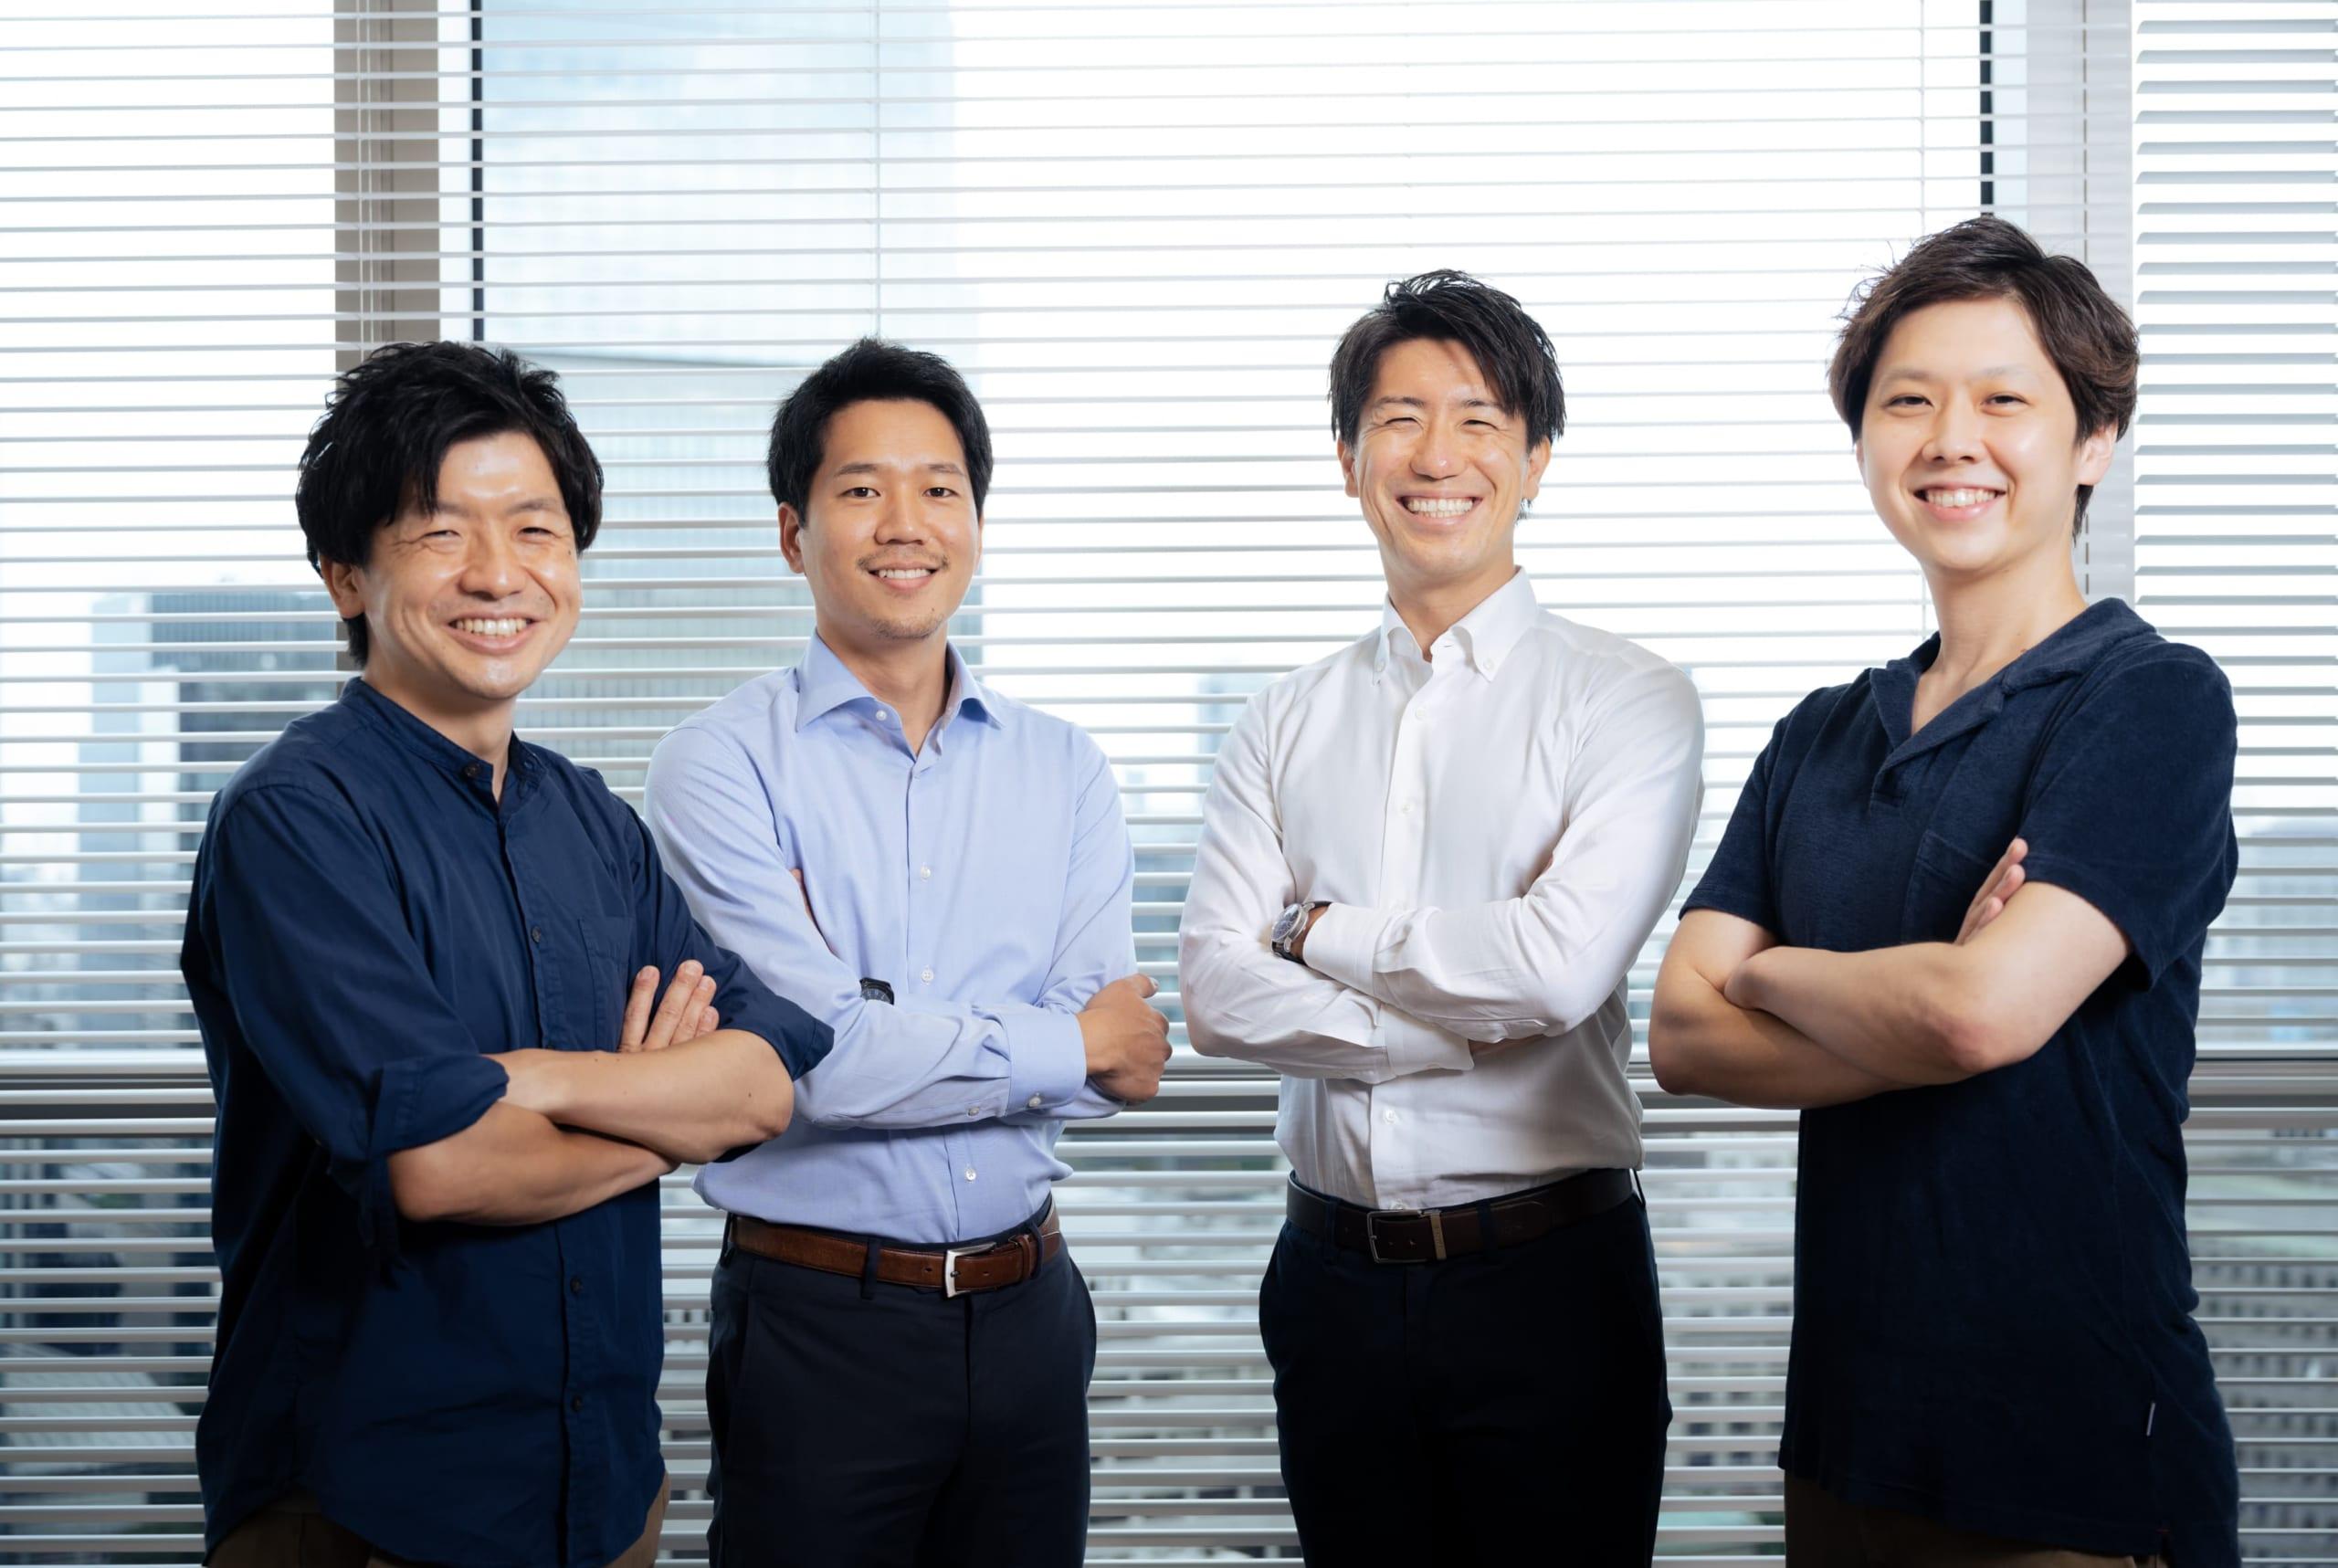 実証実験に携わる住友商事のメンバー(左から寺部氏、上田氏、江部氏、武田氏)